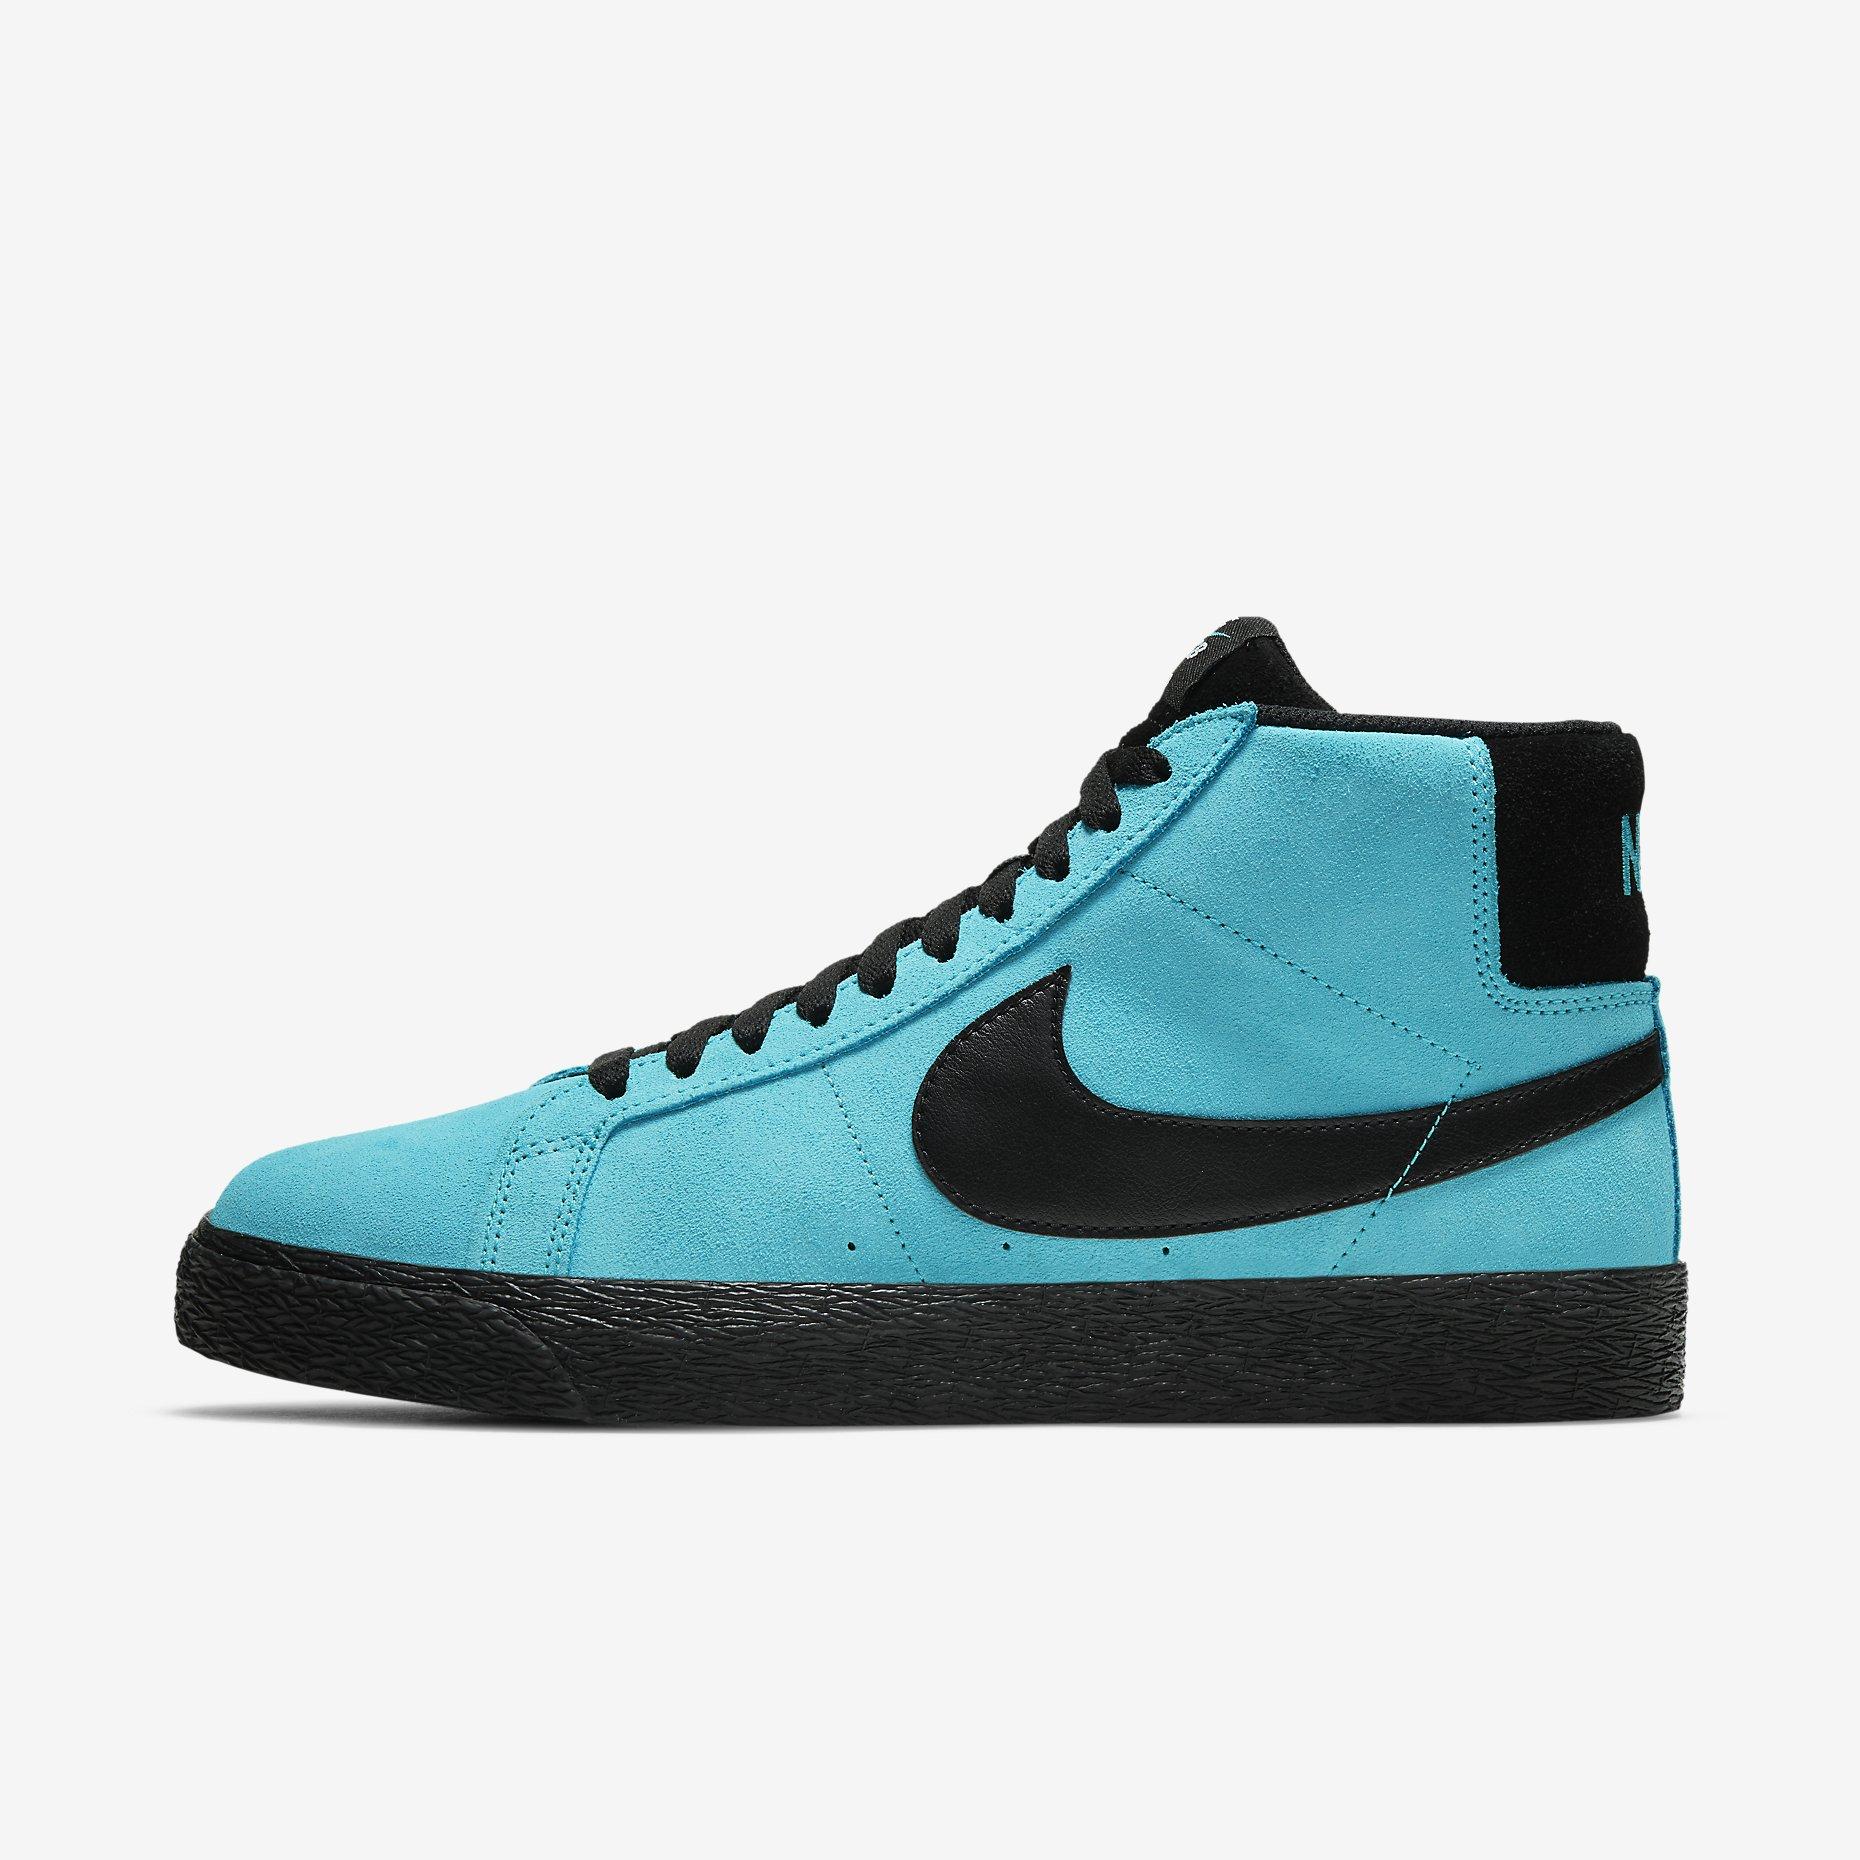 Nike SB Zoom Blazer Mid 'Baltic Blue'